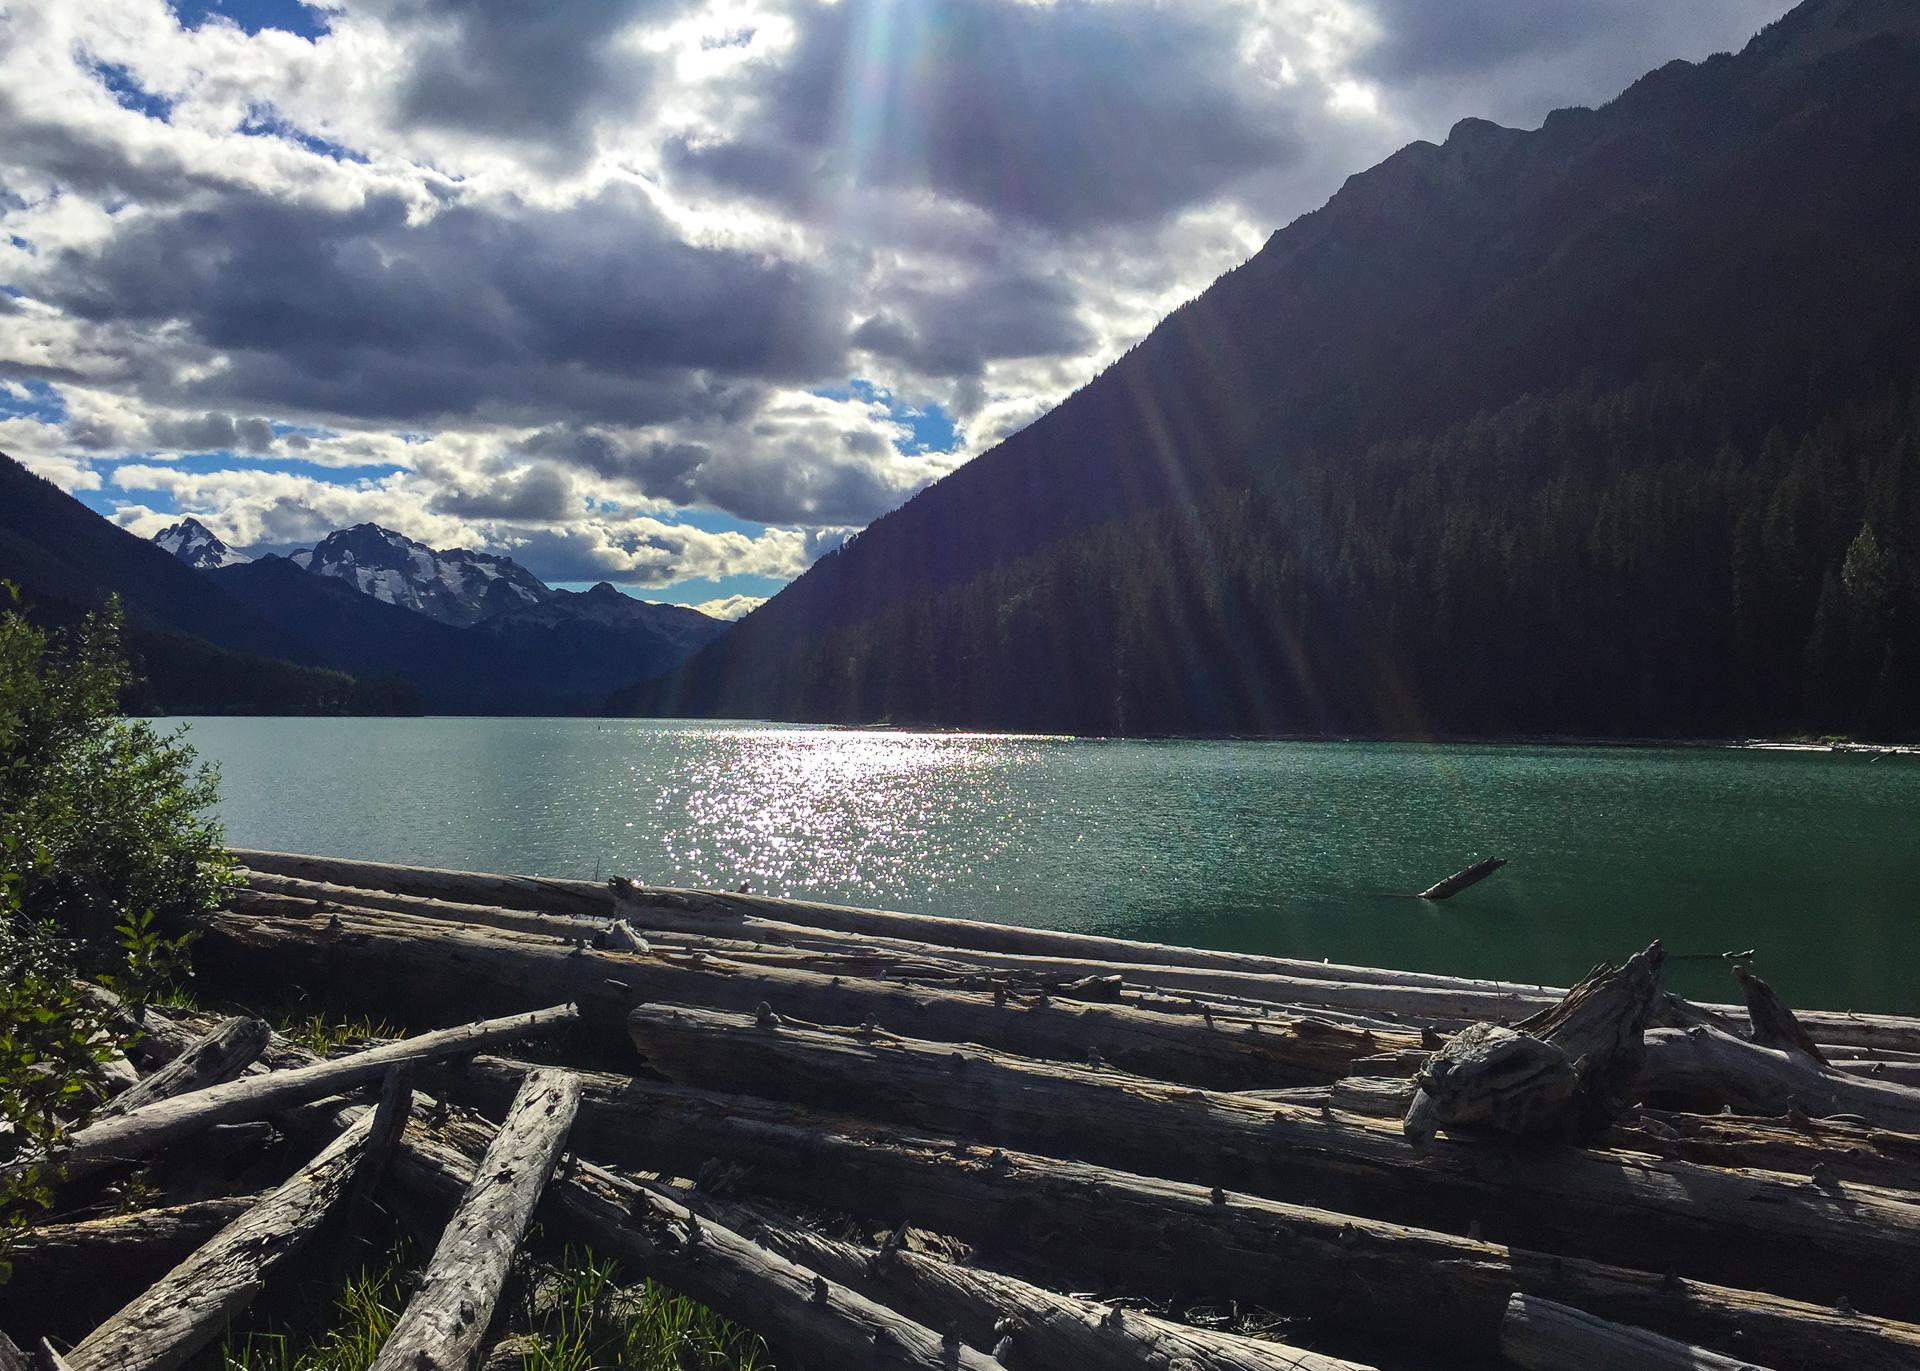 Duffy Lake